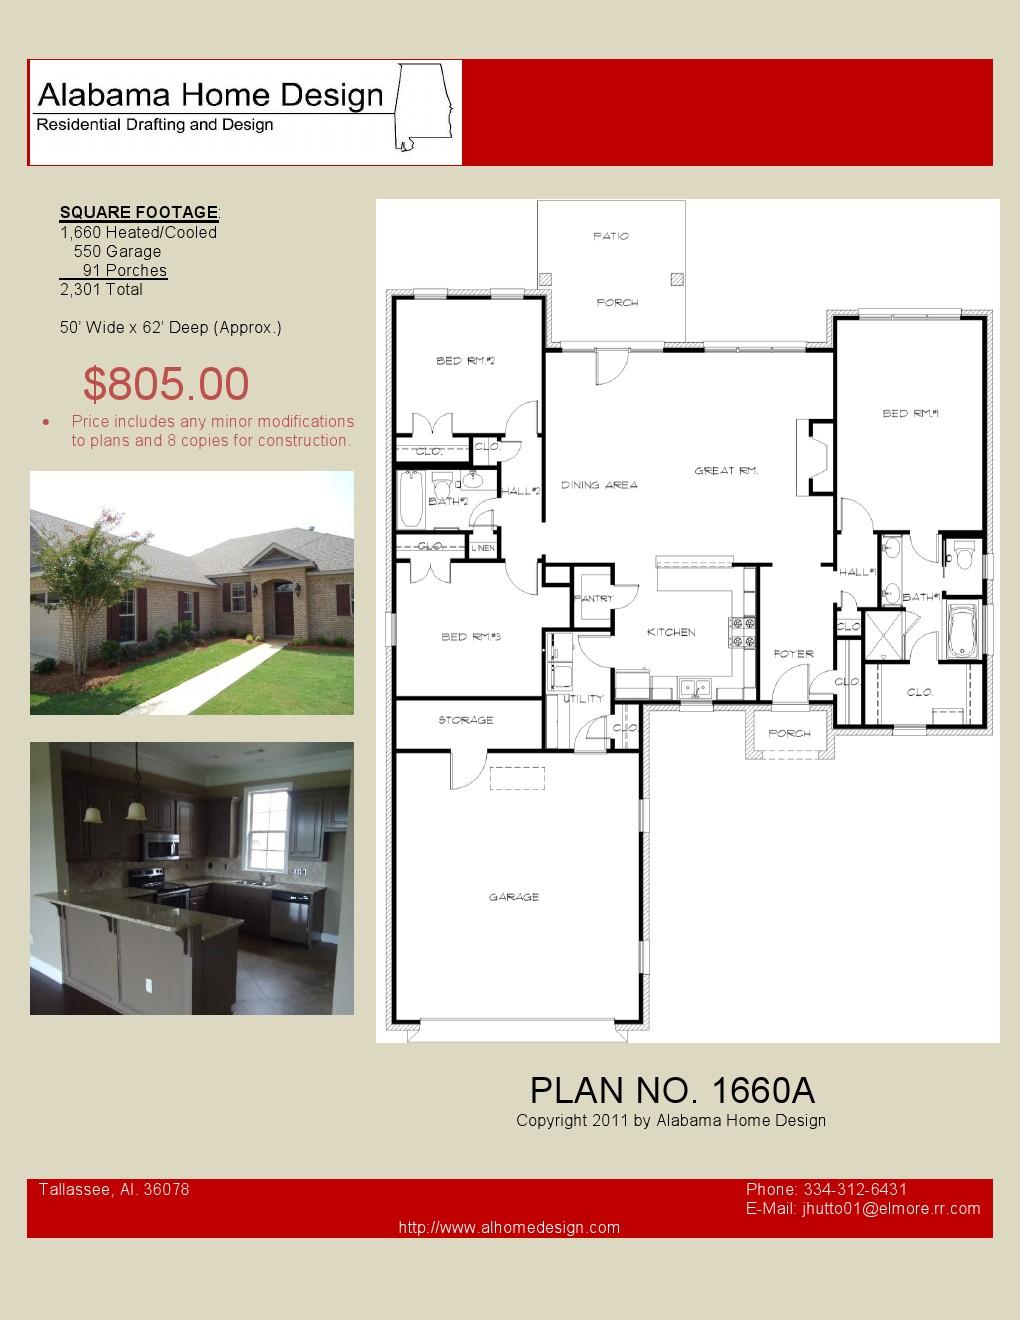 House Plans Under 2000 sq ftAlabama Home Design